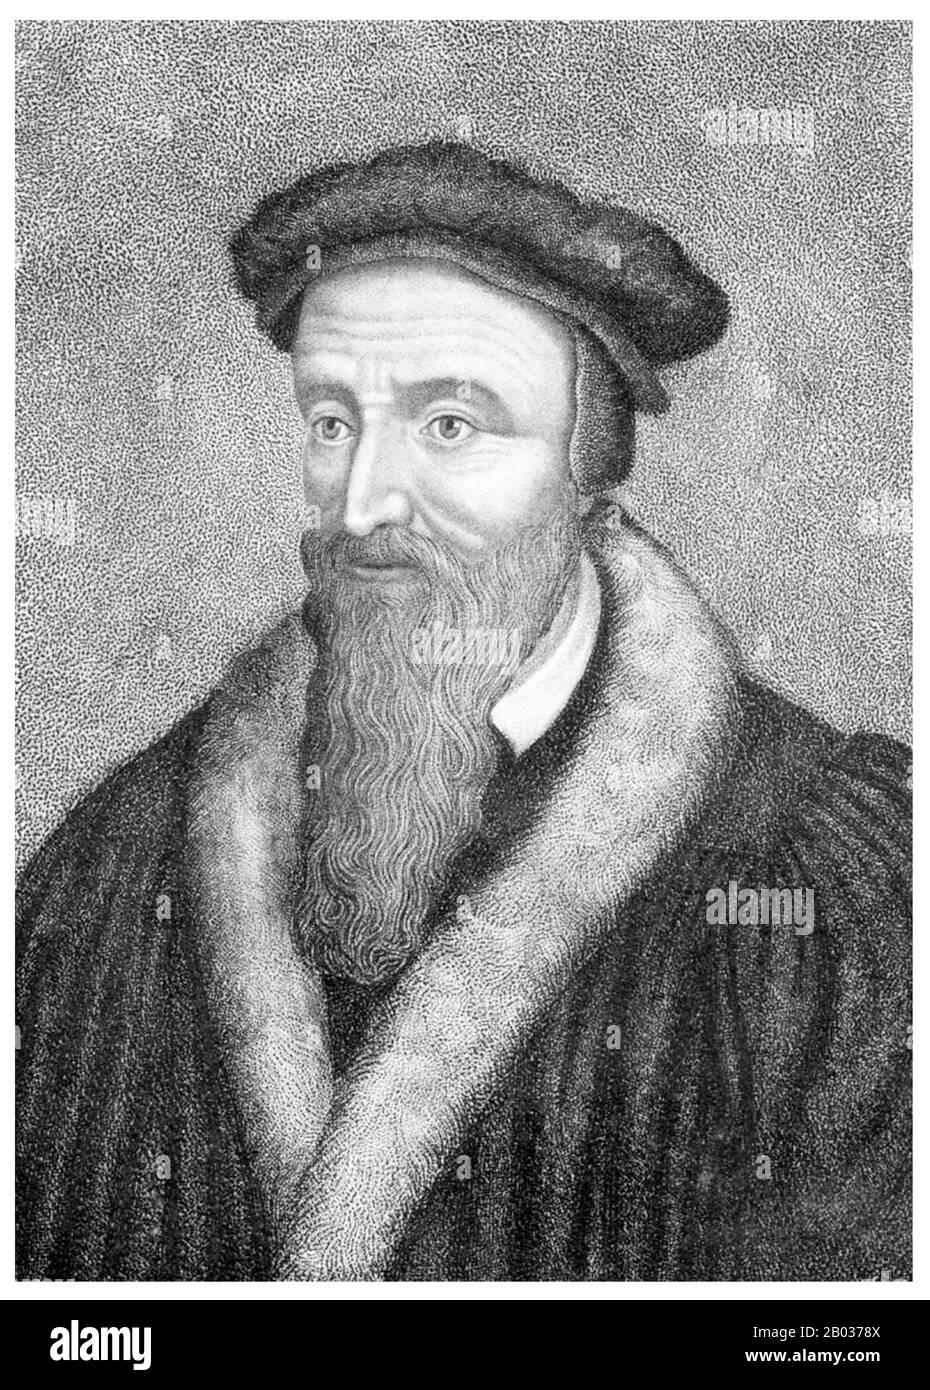 John Calvin, né Jehan Cauvin : 10 juillet 1509 – 27 mai 1564) a été un théologien et pasteur français influent pendant la réforme protestante. Il était une figure principale dans le développement du système de théologie chrétienne plus tard appelé Calvinisme, dont les aspects incluent les doctrines de la prédestination et de la souveraineté absolue de Dieu dans le salut de l'âme humaine de la mort et de la damnation éternelle. Diverses églises congrégationales, réformées et presbytériennes, qui semblent Calvin comme le principal exposé de leurs croyances, se sont répandues dans le monde entier. Banque D'Images